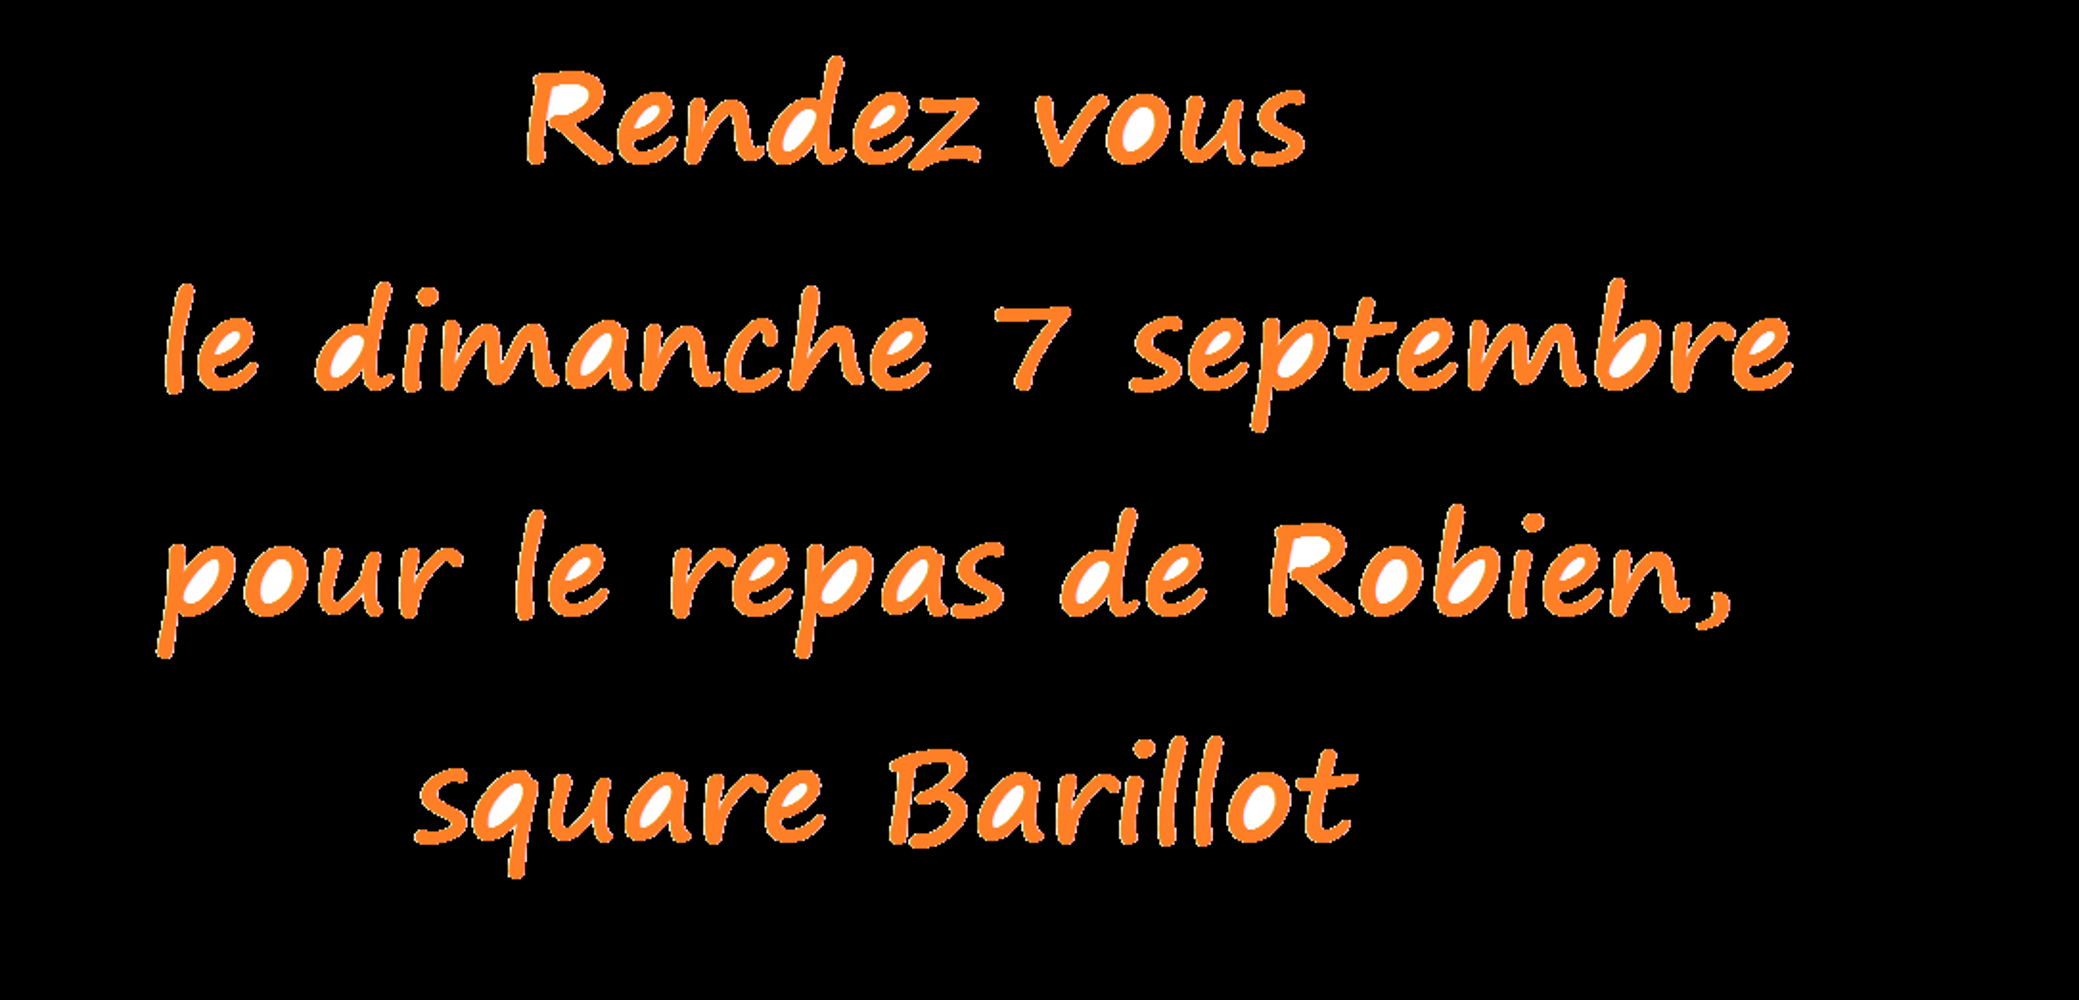 Repas de quartier : rendez-vous le 7 septembre, square Barillot 0